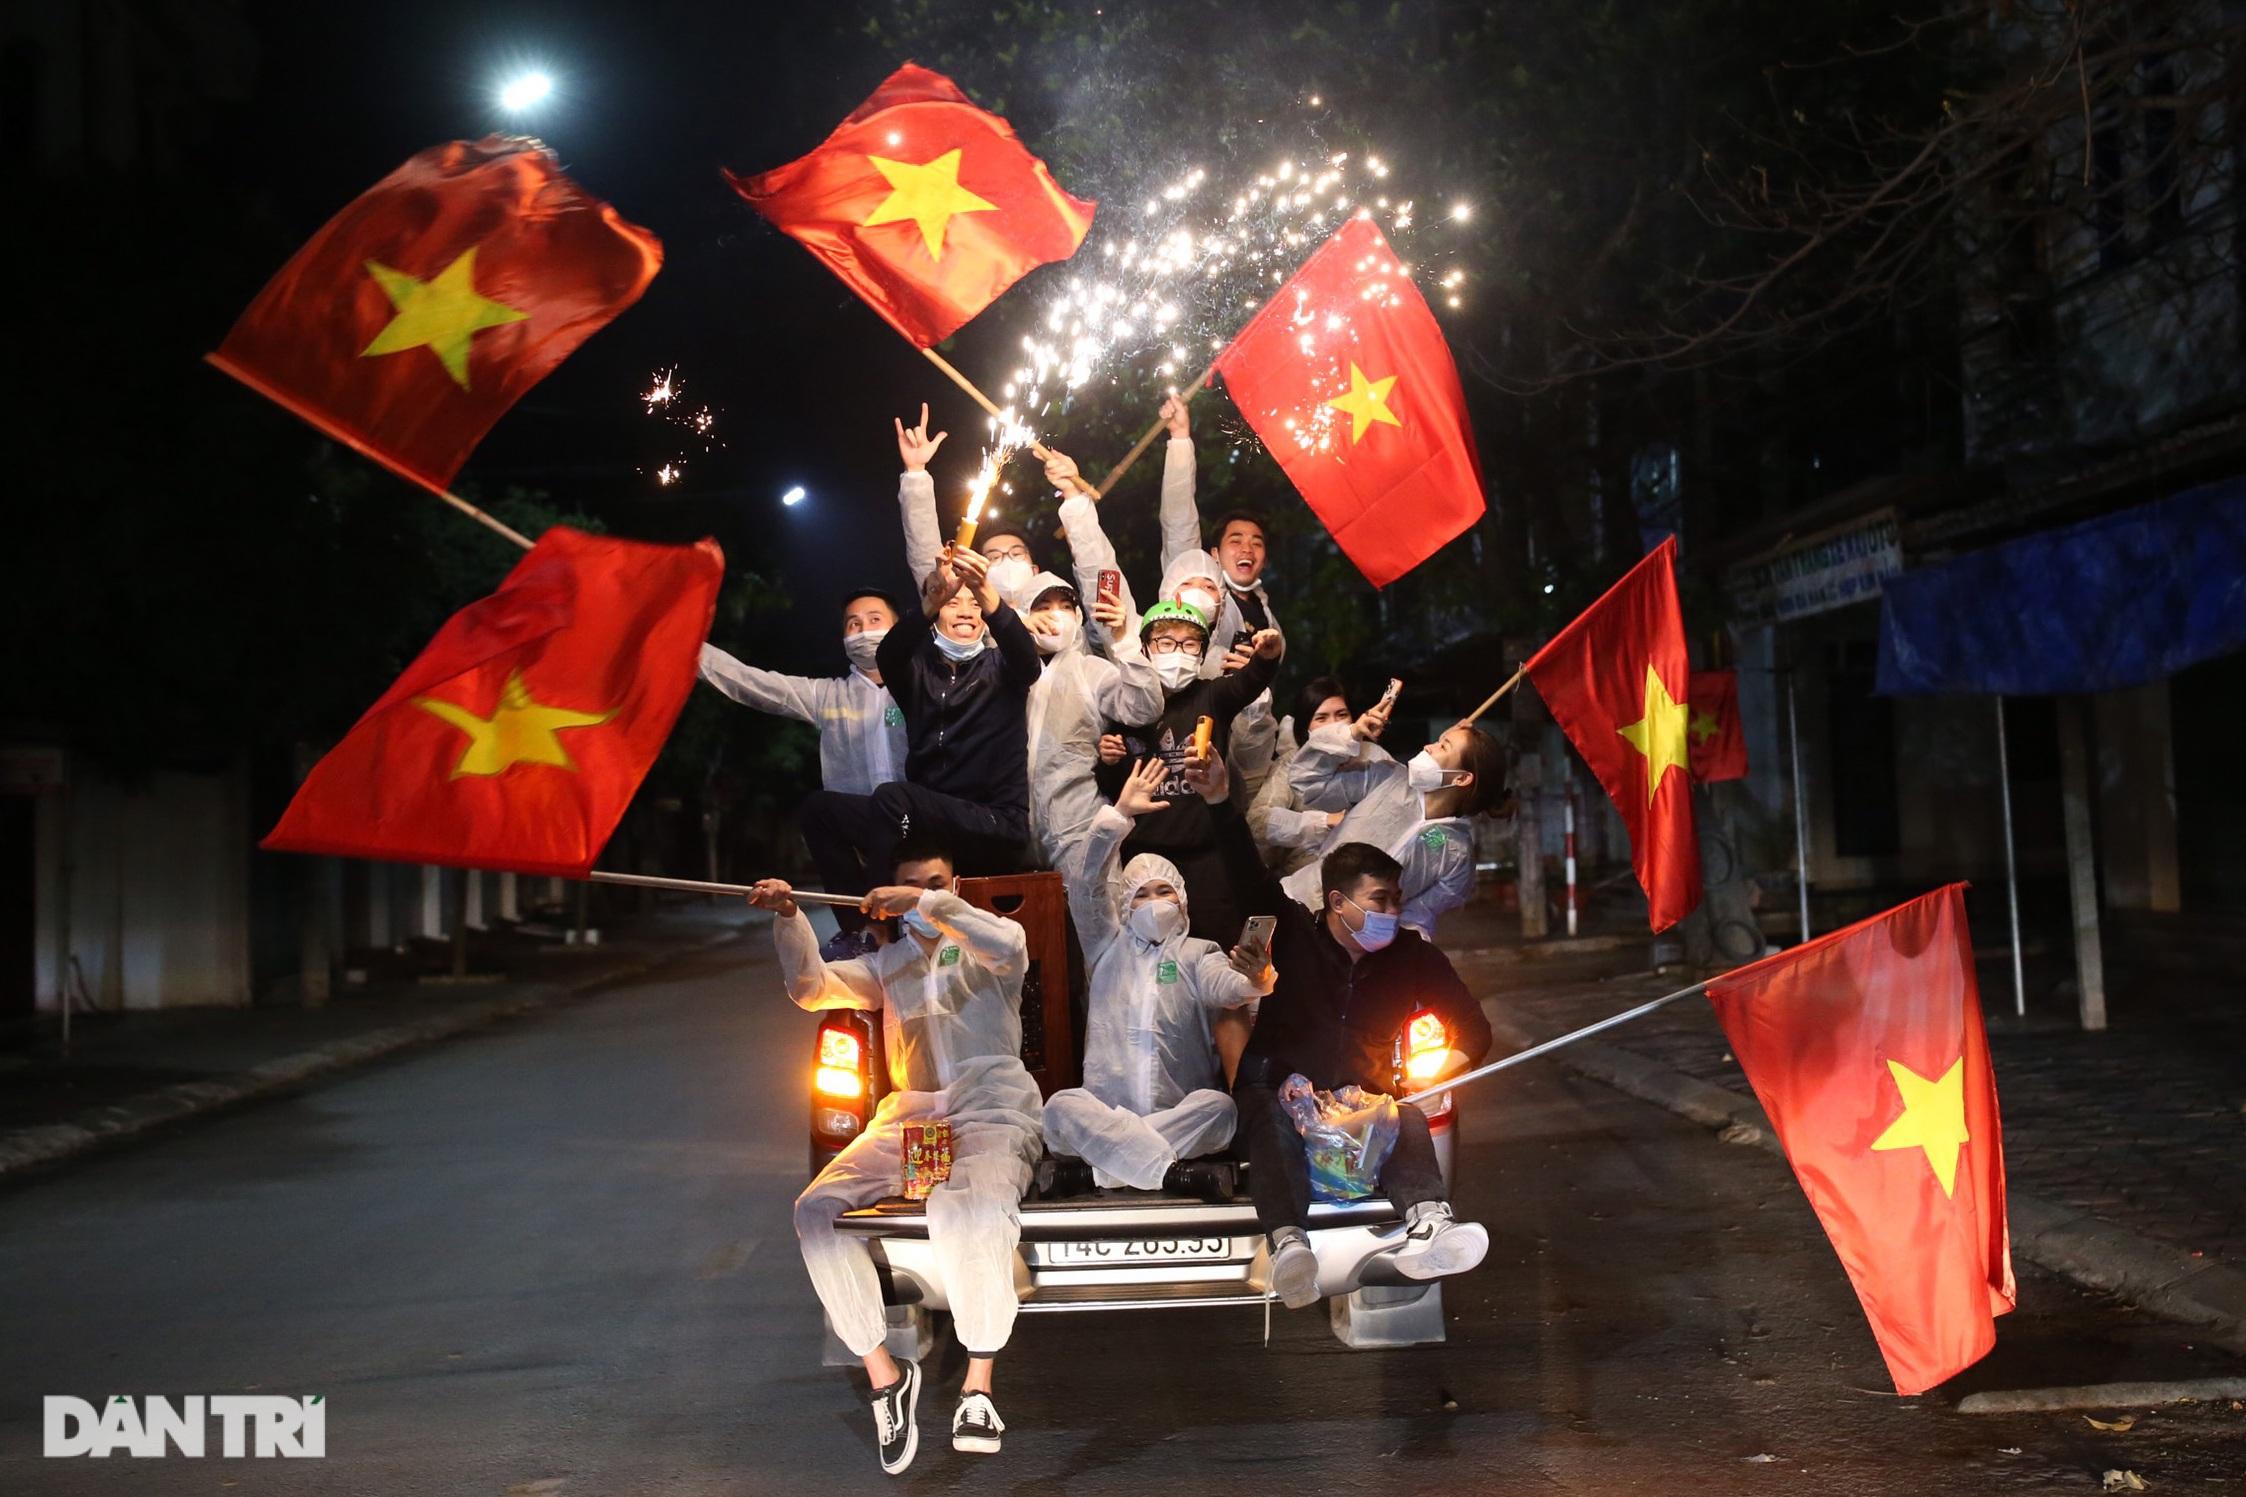 Pháo hoa rực rỡ, người dân vỡ òa cảm xúc khi TP Chí Linh được gỡ phong tỏa - Ảnh 13.